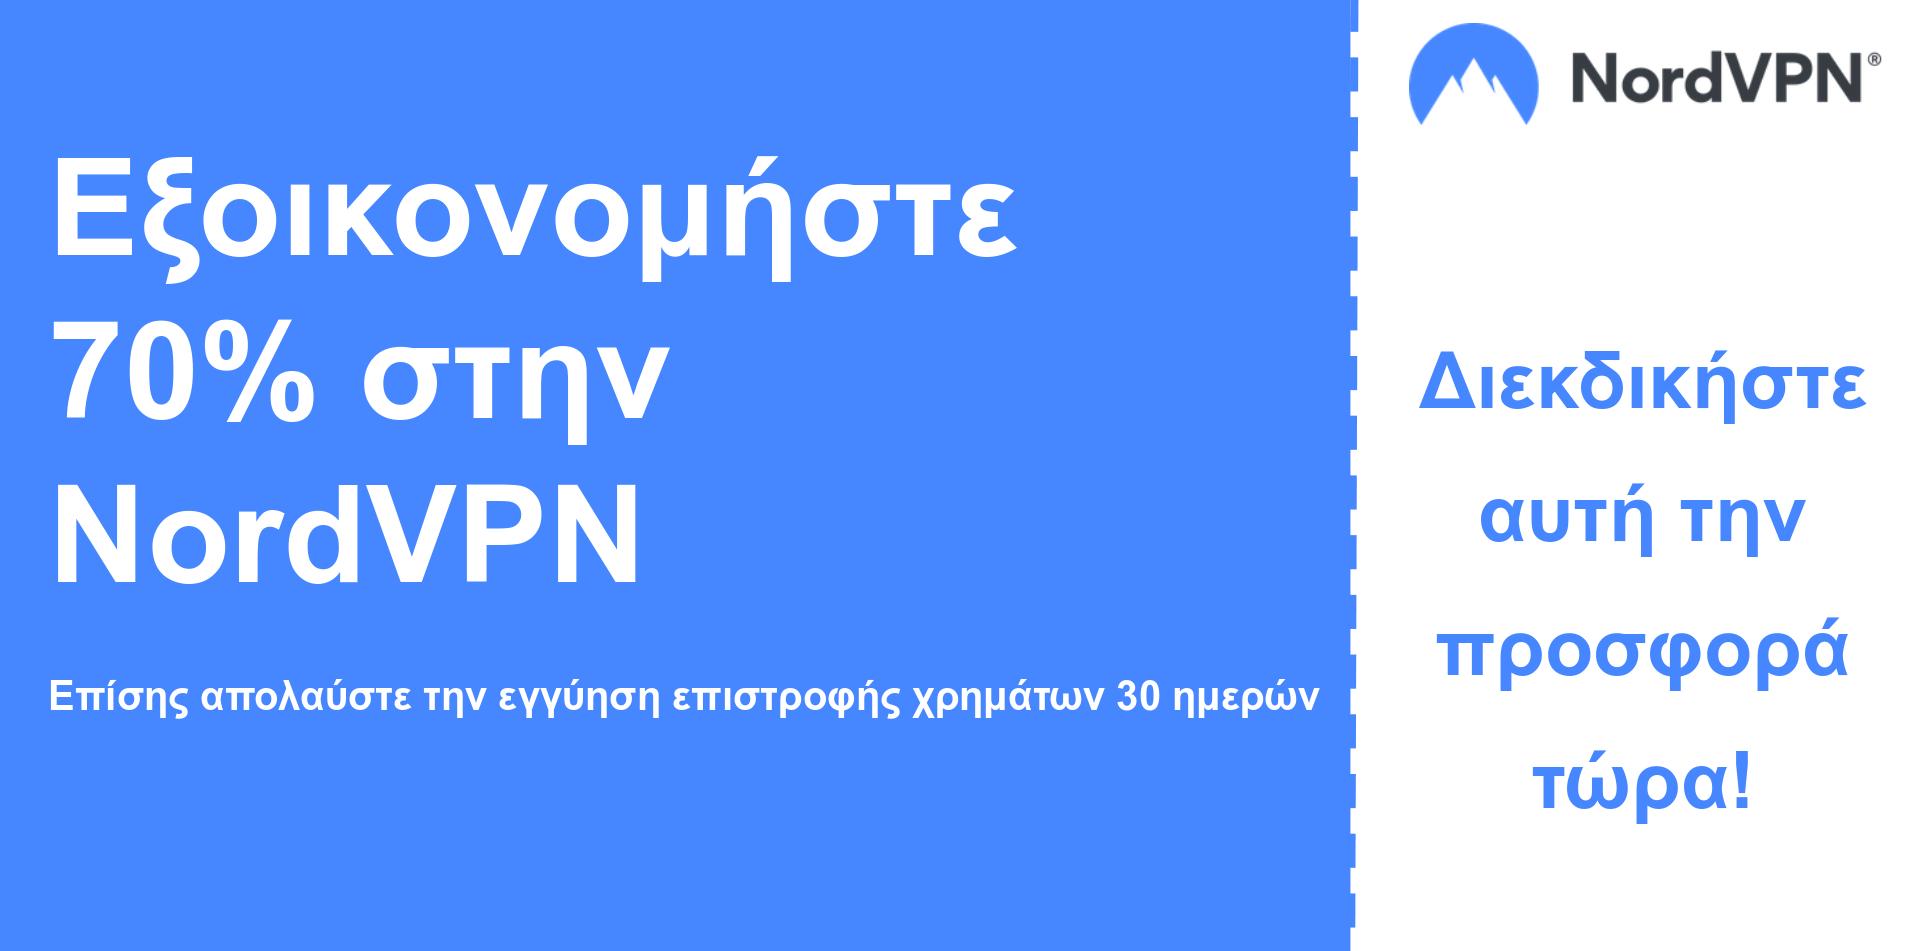 γραφικό του κύριου κουπονιού Nordvpn που δείχνει έκπτωση 70%